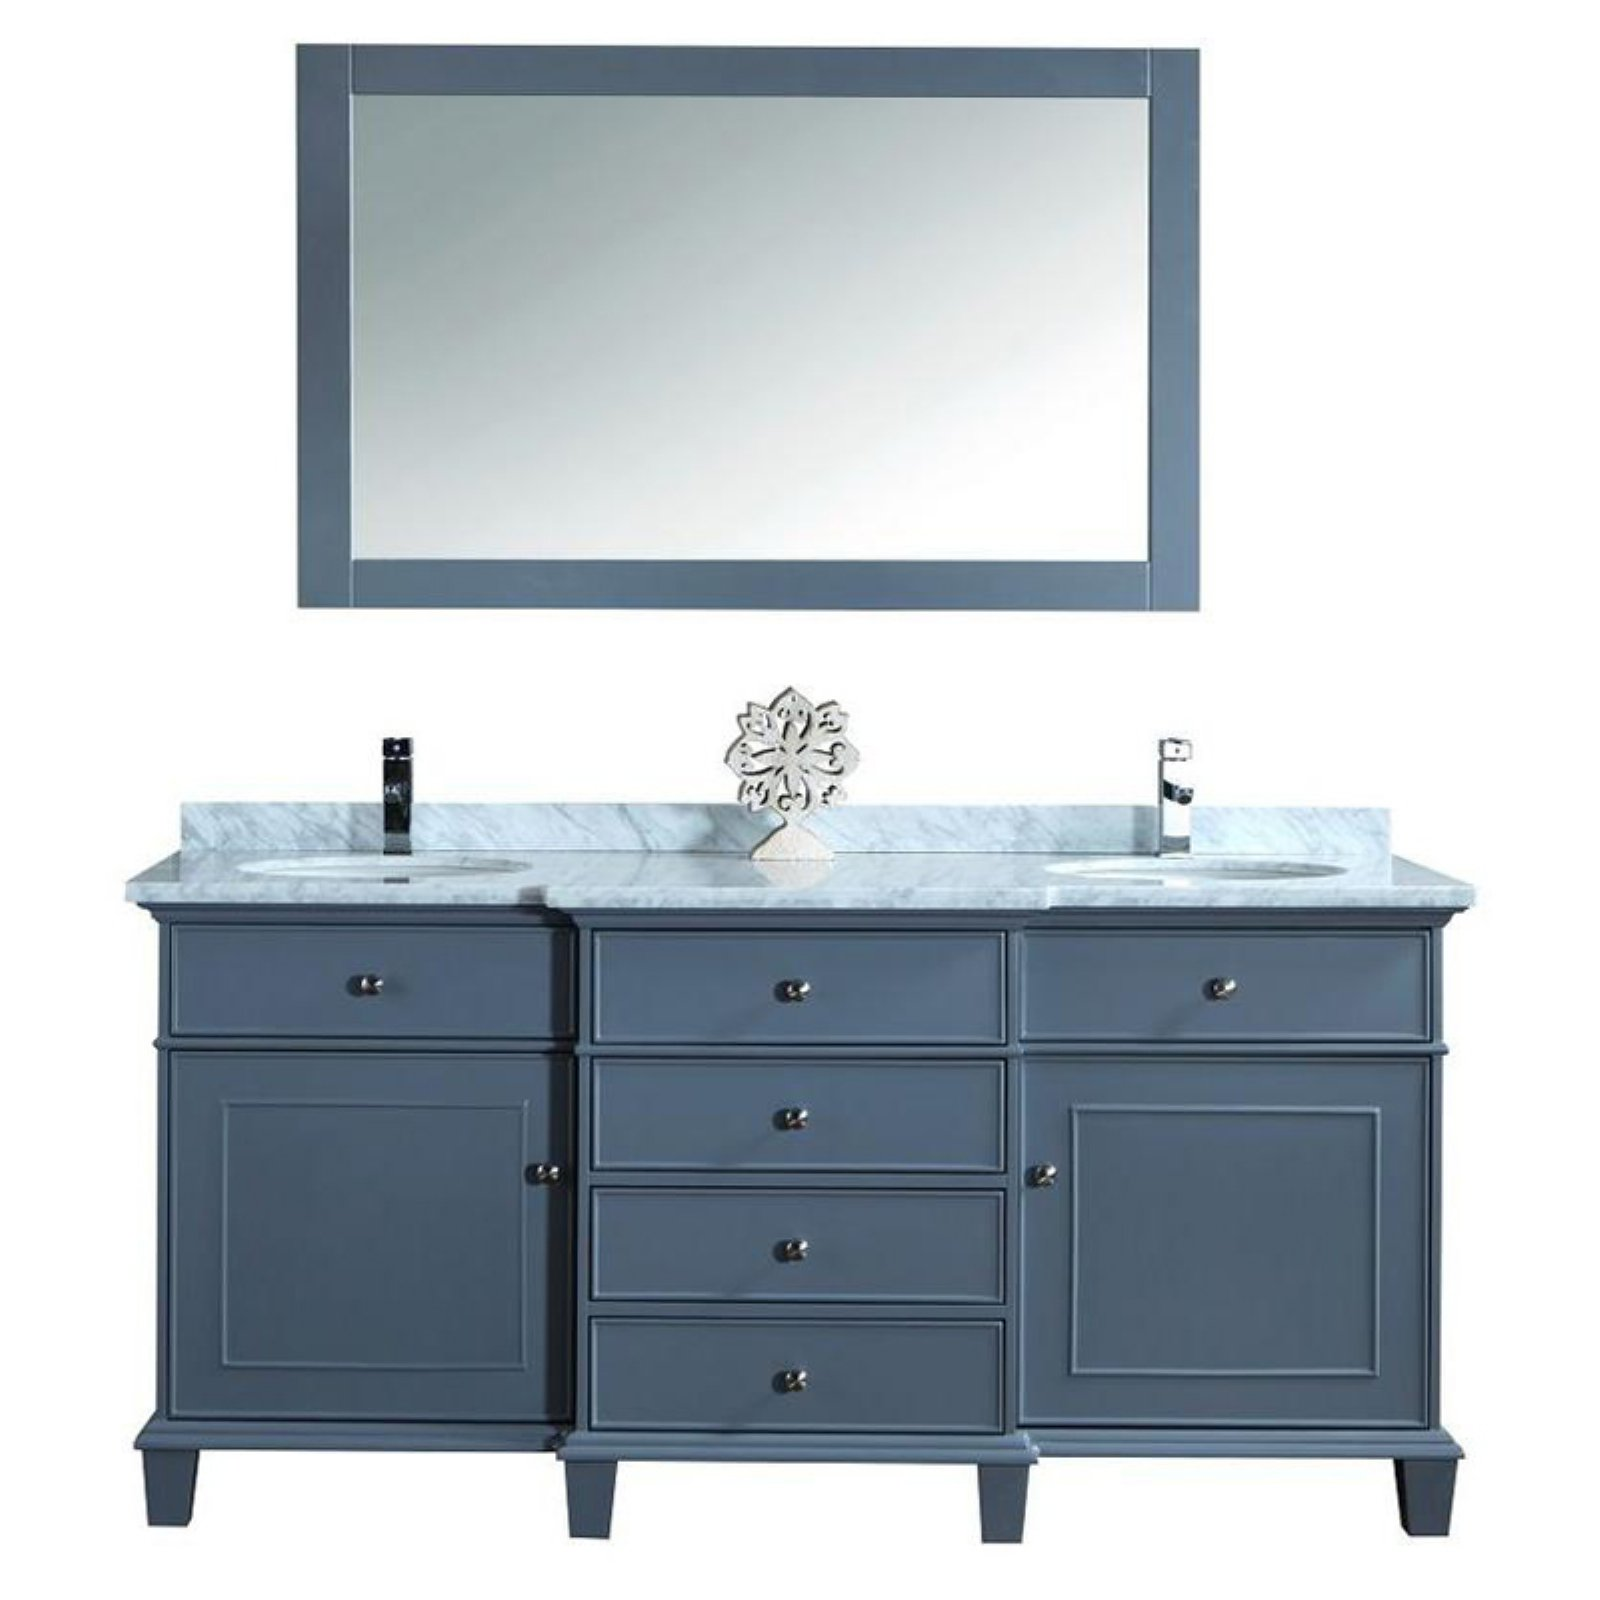 Stufurhome Cadence 72 In. Double Sink Bathroom Vanity With Mirror    Walmart.com